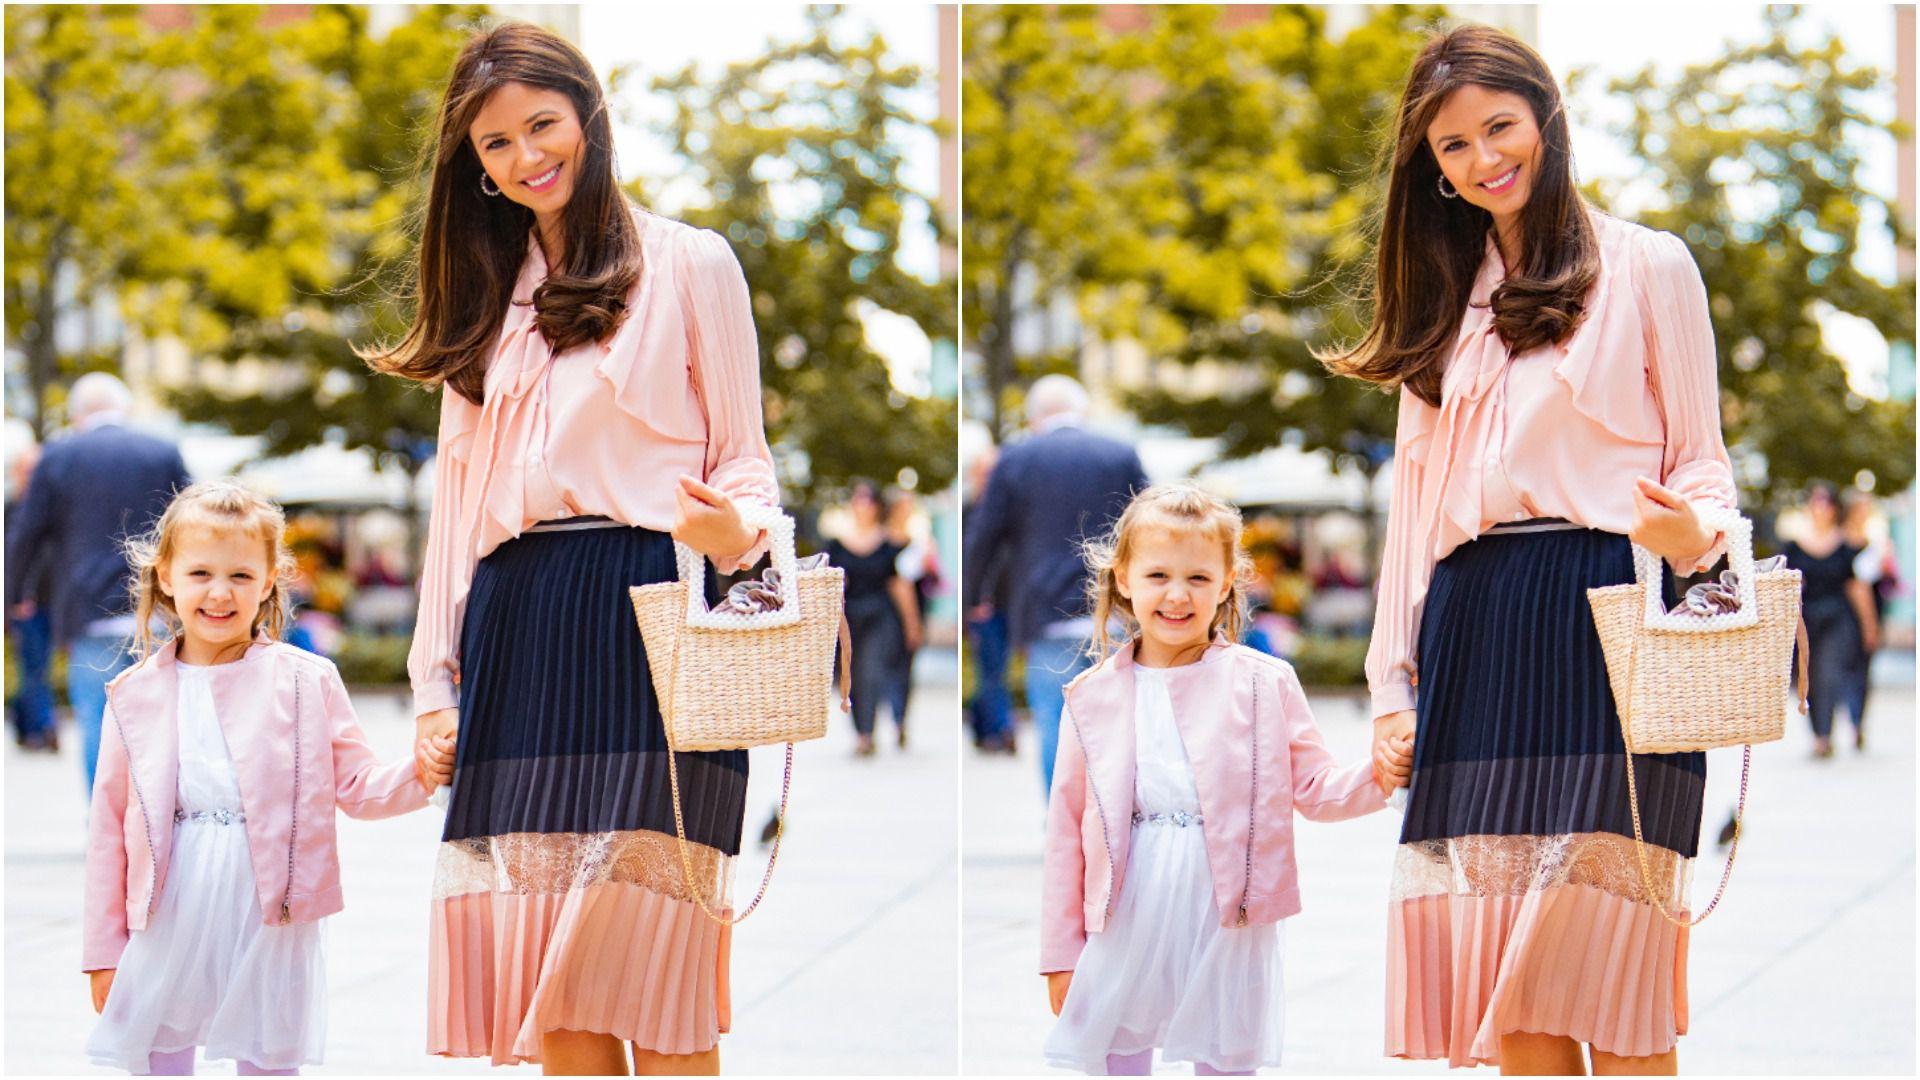 Prekrasne mama i kći: 'Prvo se ja odjenem  pa Lucija poželi odjenuti nešto slično po uzoru na mamu'